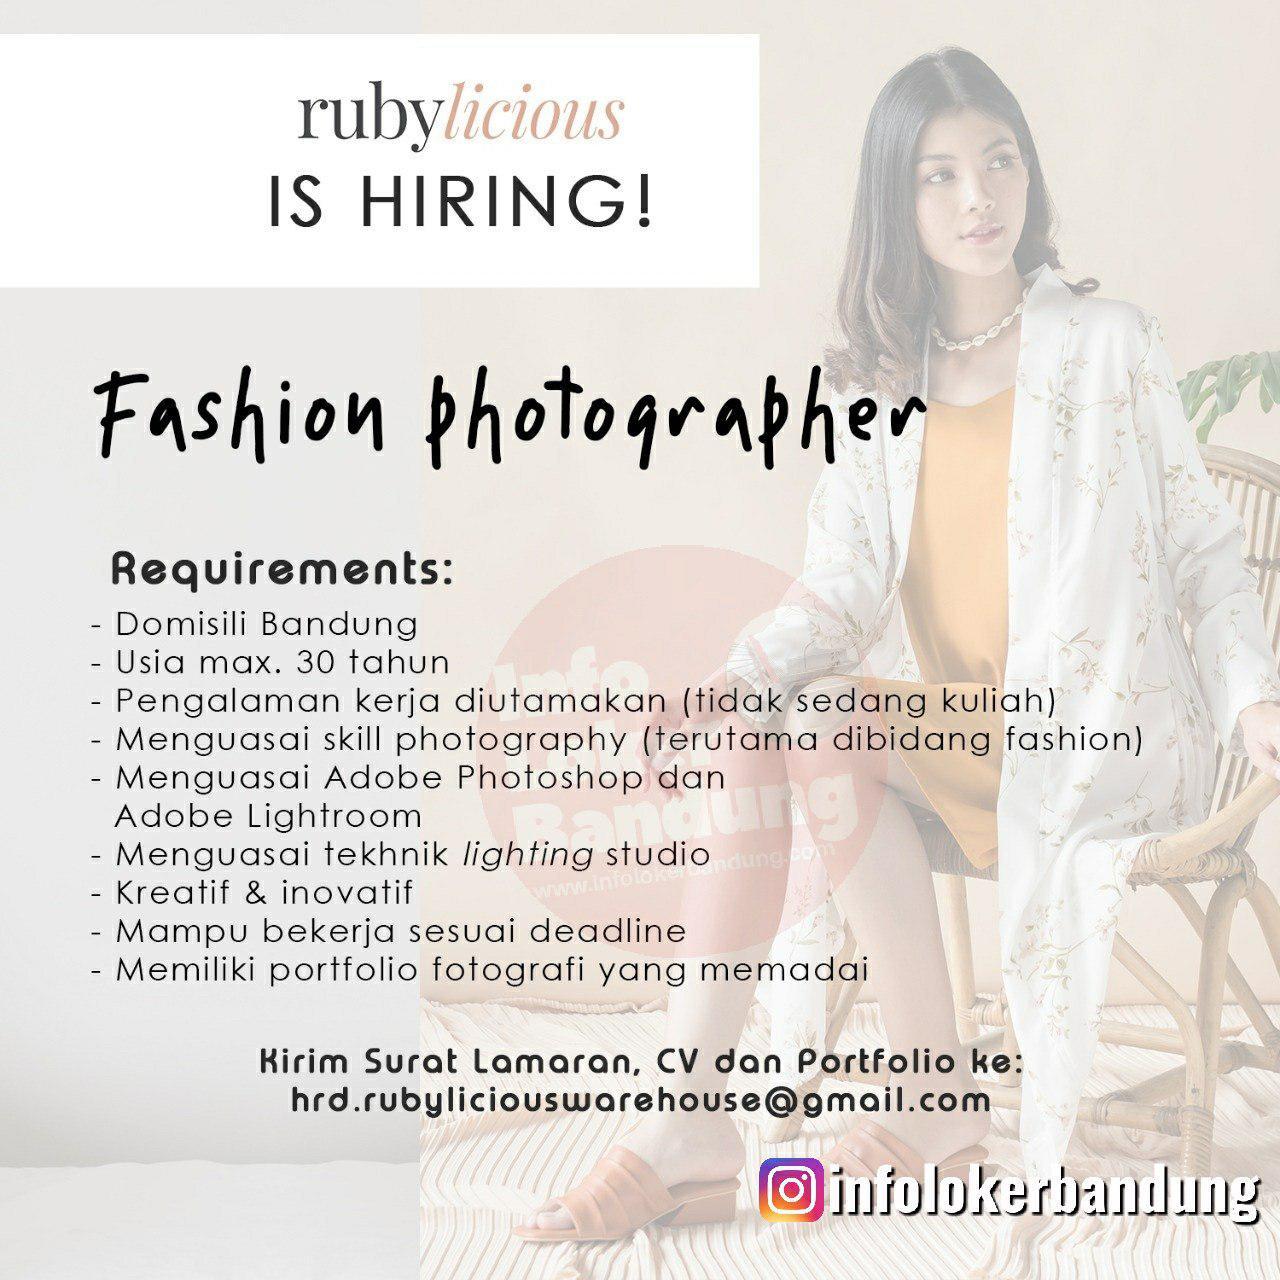 Lowongan Kerja Fashion Designer Rubylicious Bandung Desember 2019